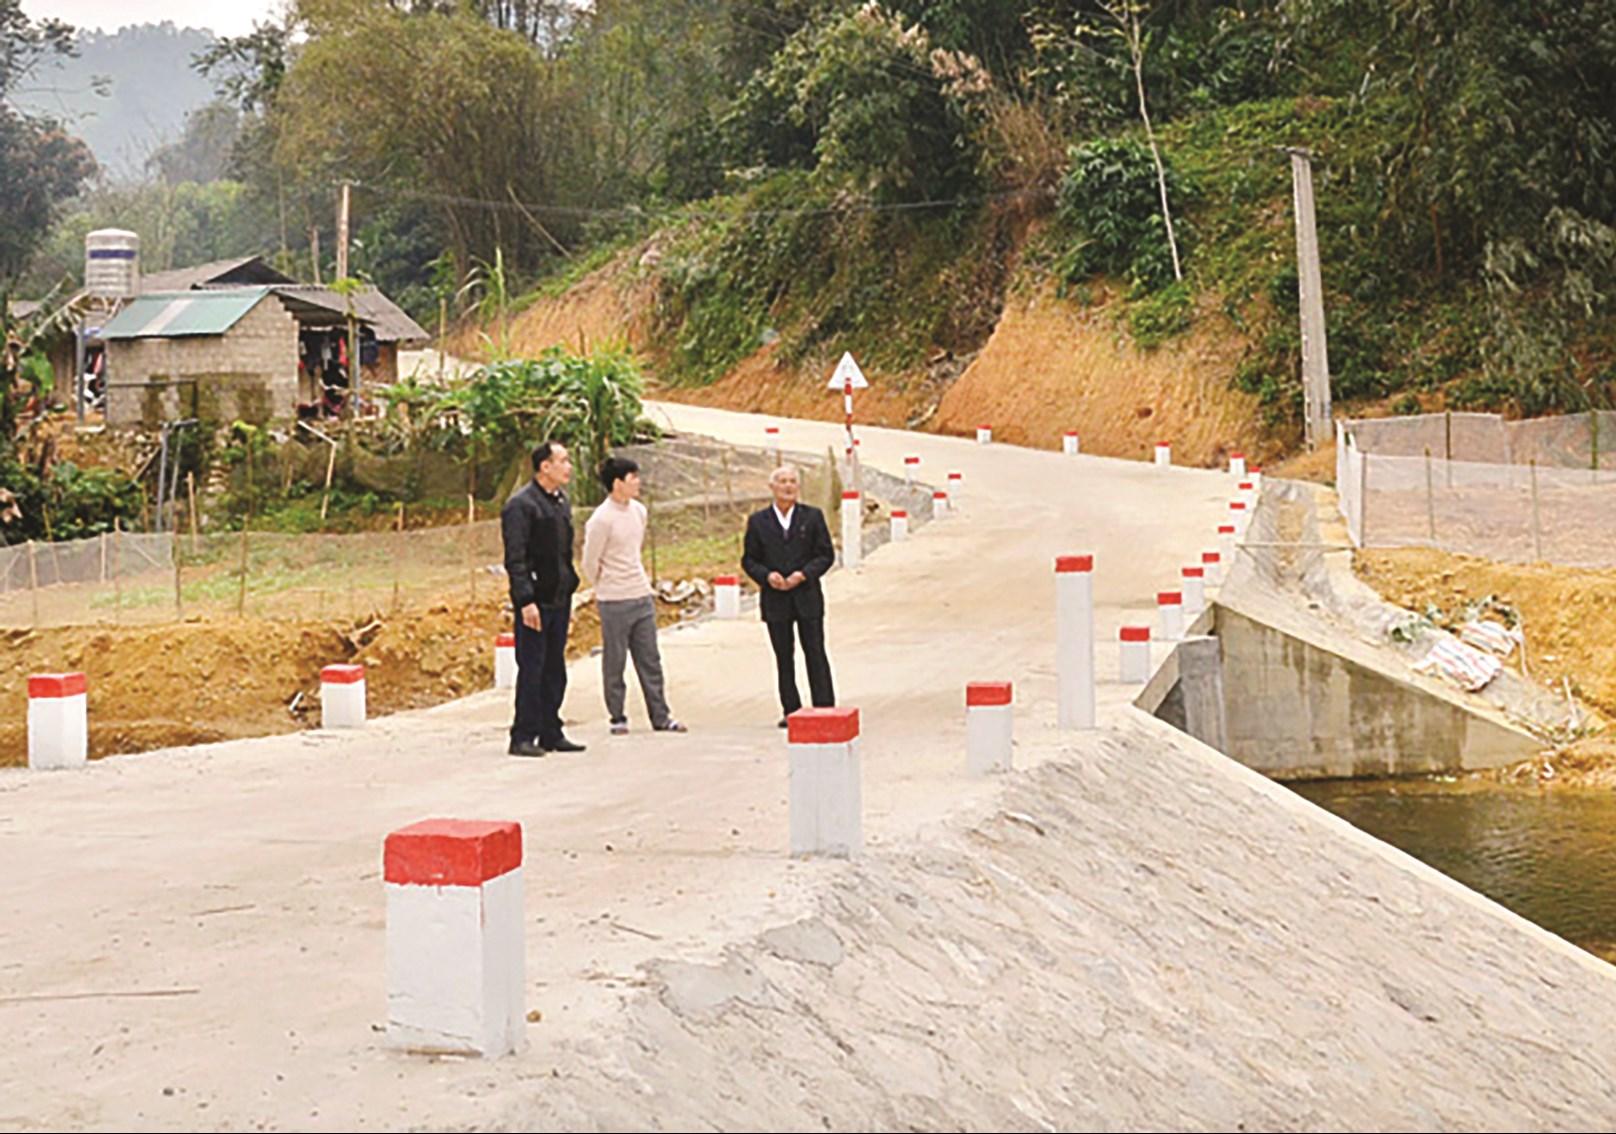 Cầu tràn liên hợp thôn Nà Ho, xã Trung Sơn được đầu tư từ nguồn vốnCT 135 (tháng 2/2020).